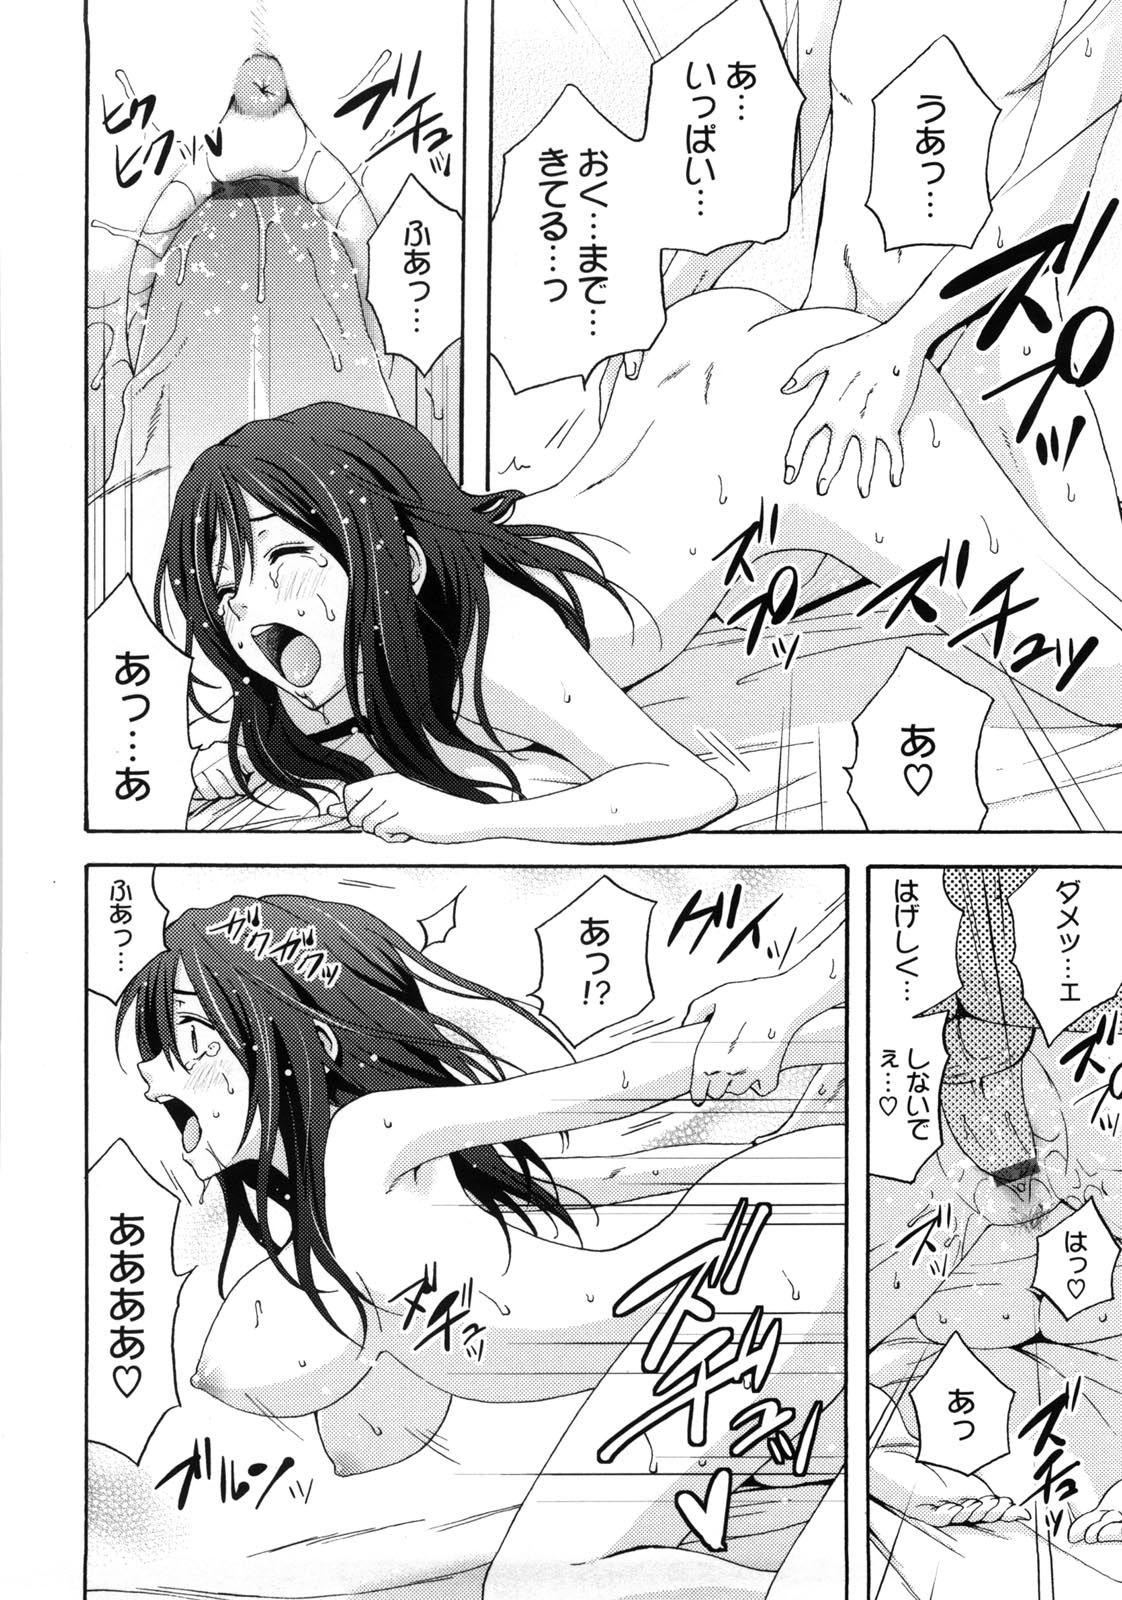 Coelacanth / Gyotaku — Сборник хентай манги [Ptcen] [JAP,ENG,RUS] Hentai Manga